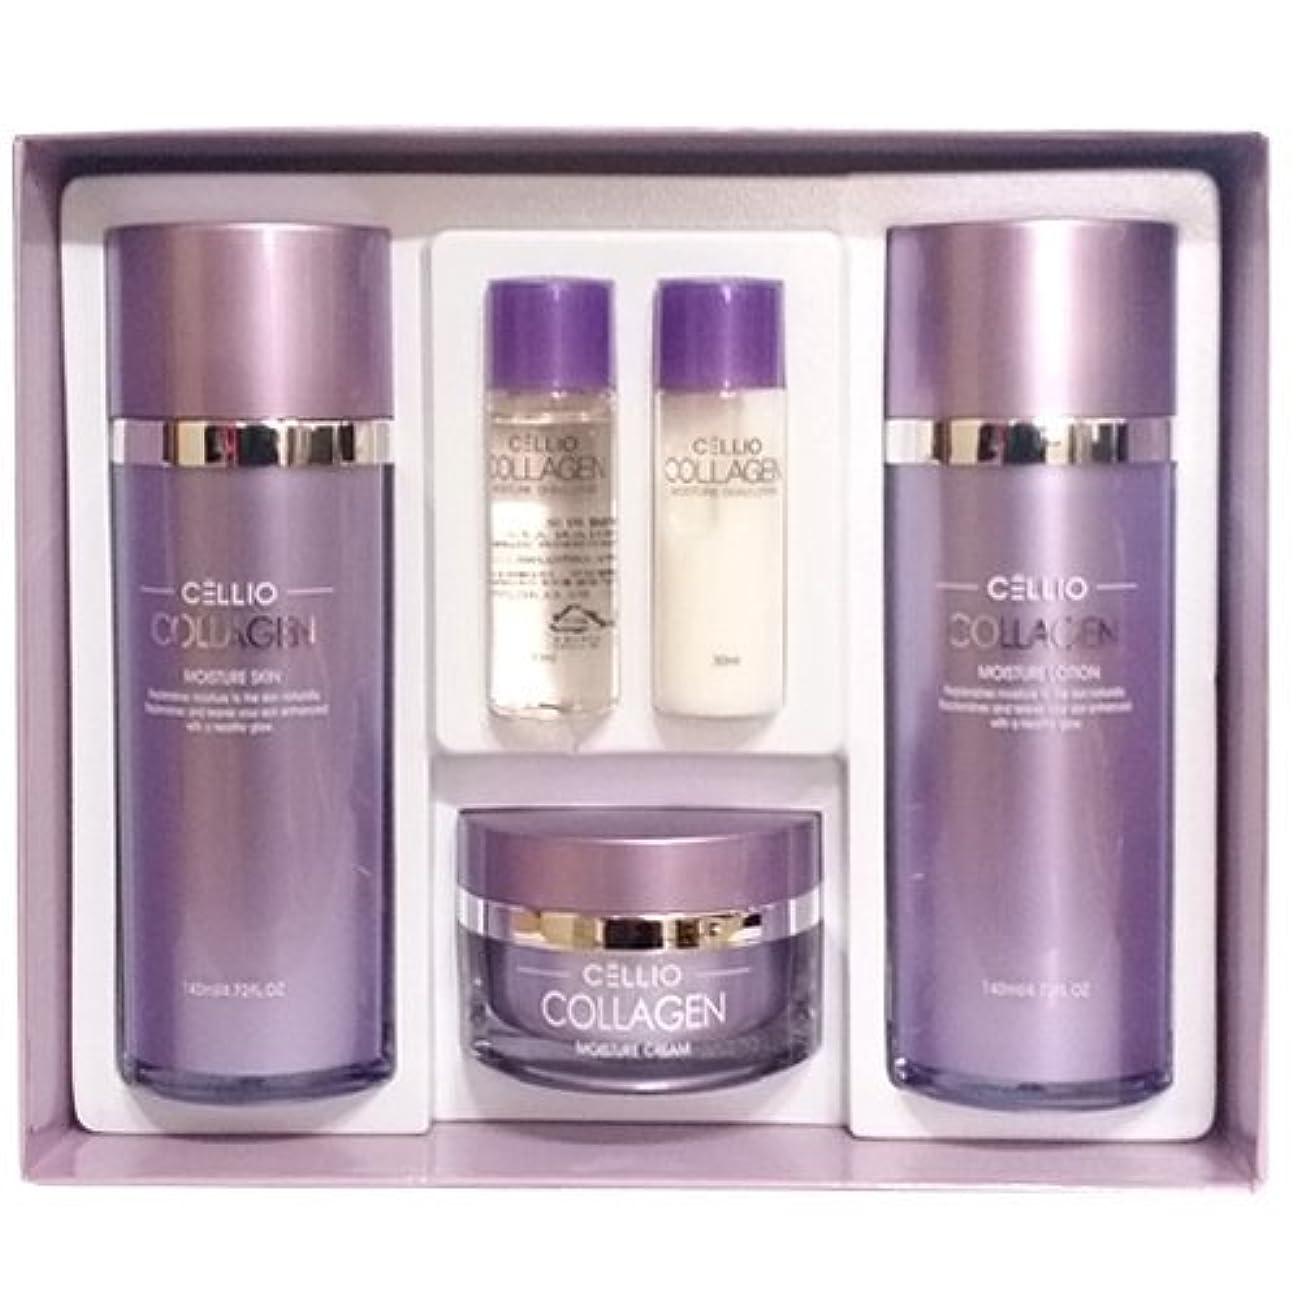 セルリオ[韓国コスメCELLIO]Collagen Moisture Skin Careコラーゲンモイスチャースキンケア3セット,樹液,乳液,クリーム [並行輸入品]